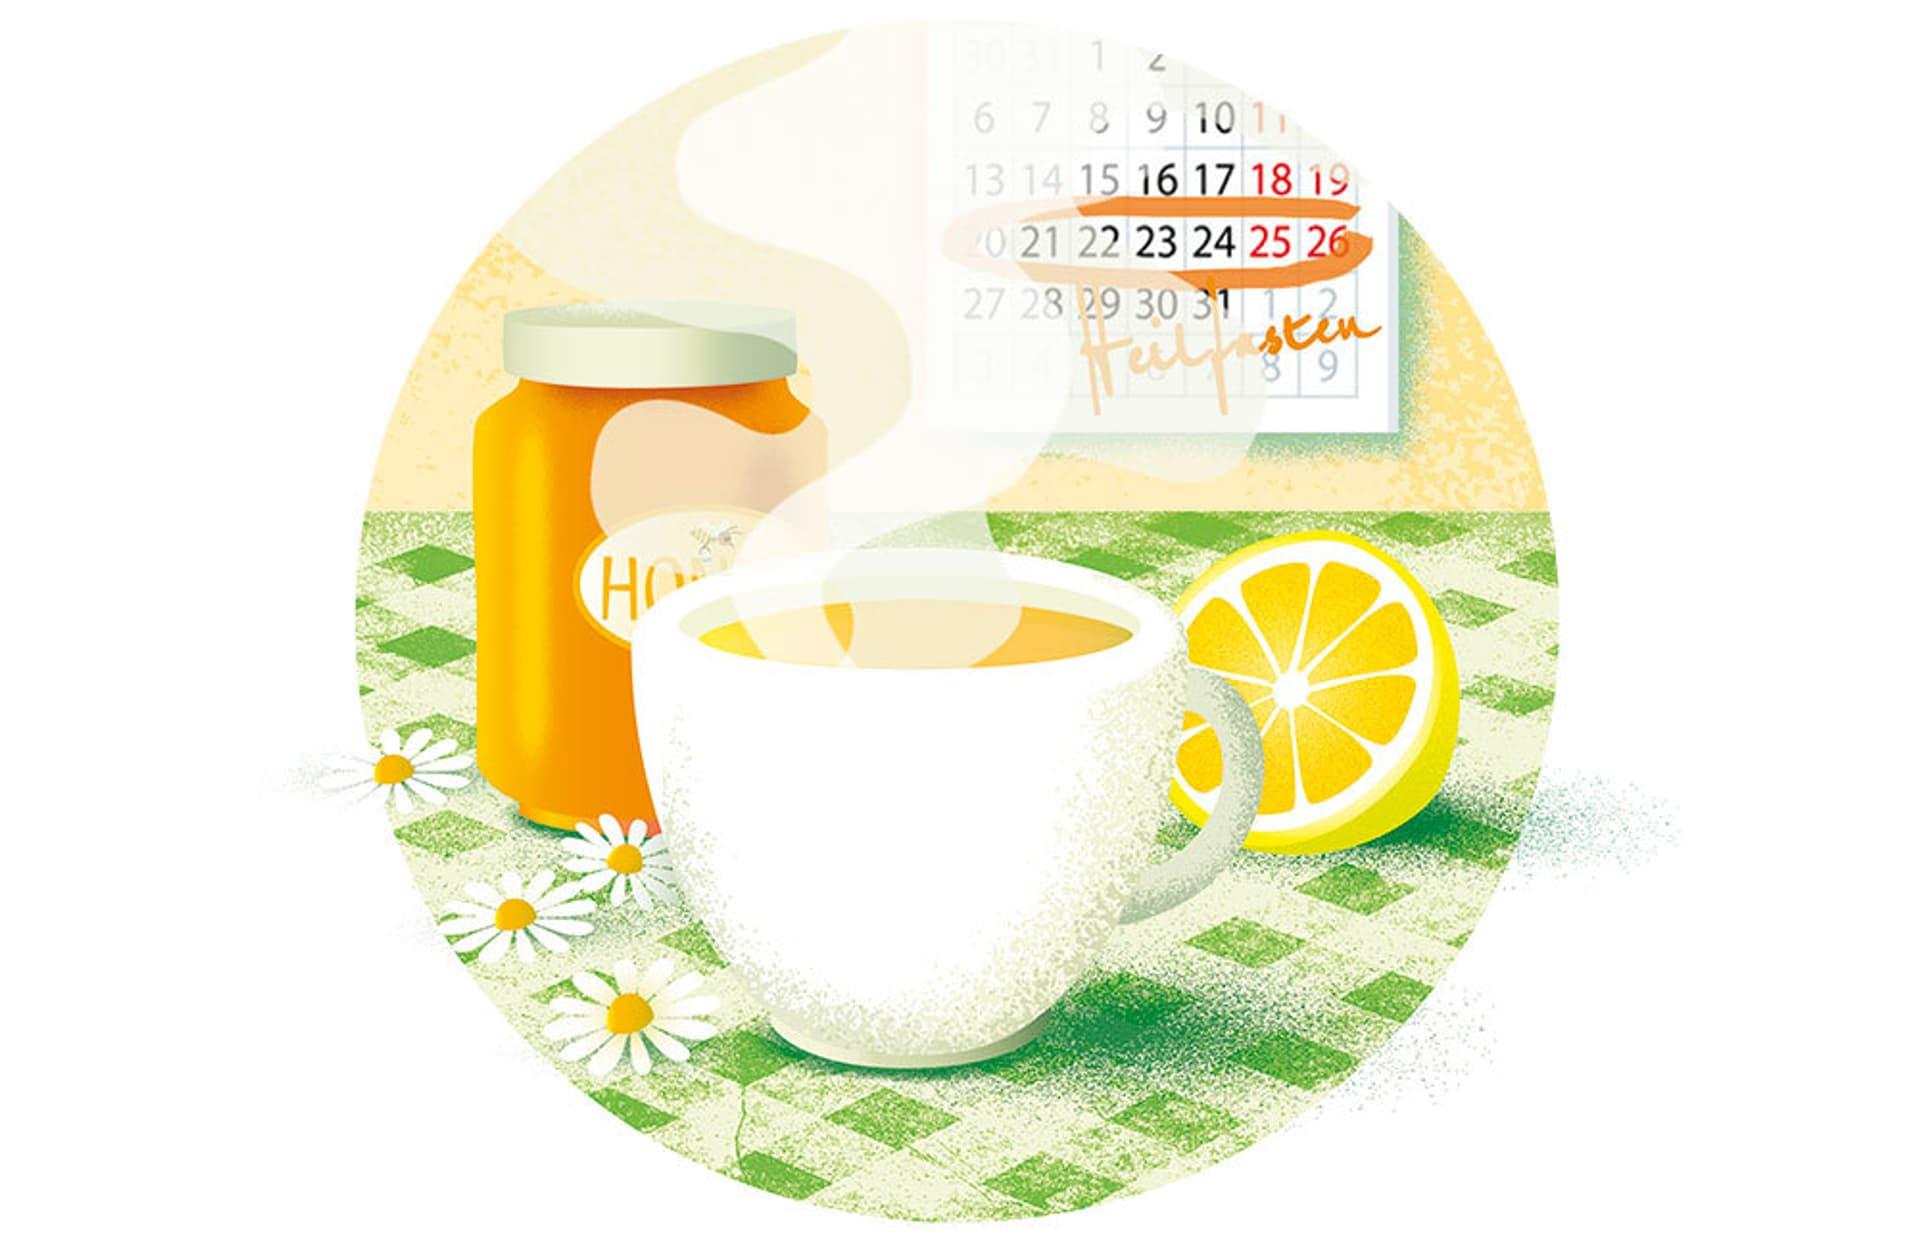 Illustration einer dampfenden Tasse Tee auf einem Küchentisch. Dahinter ein Honigtopf und eine aufgeschnittene Zitrone.